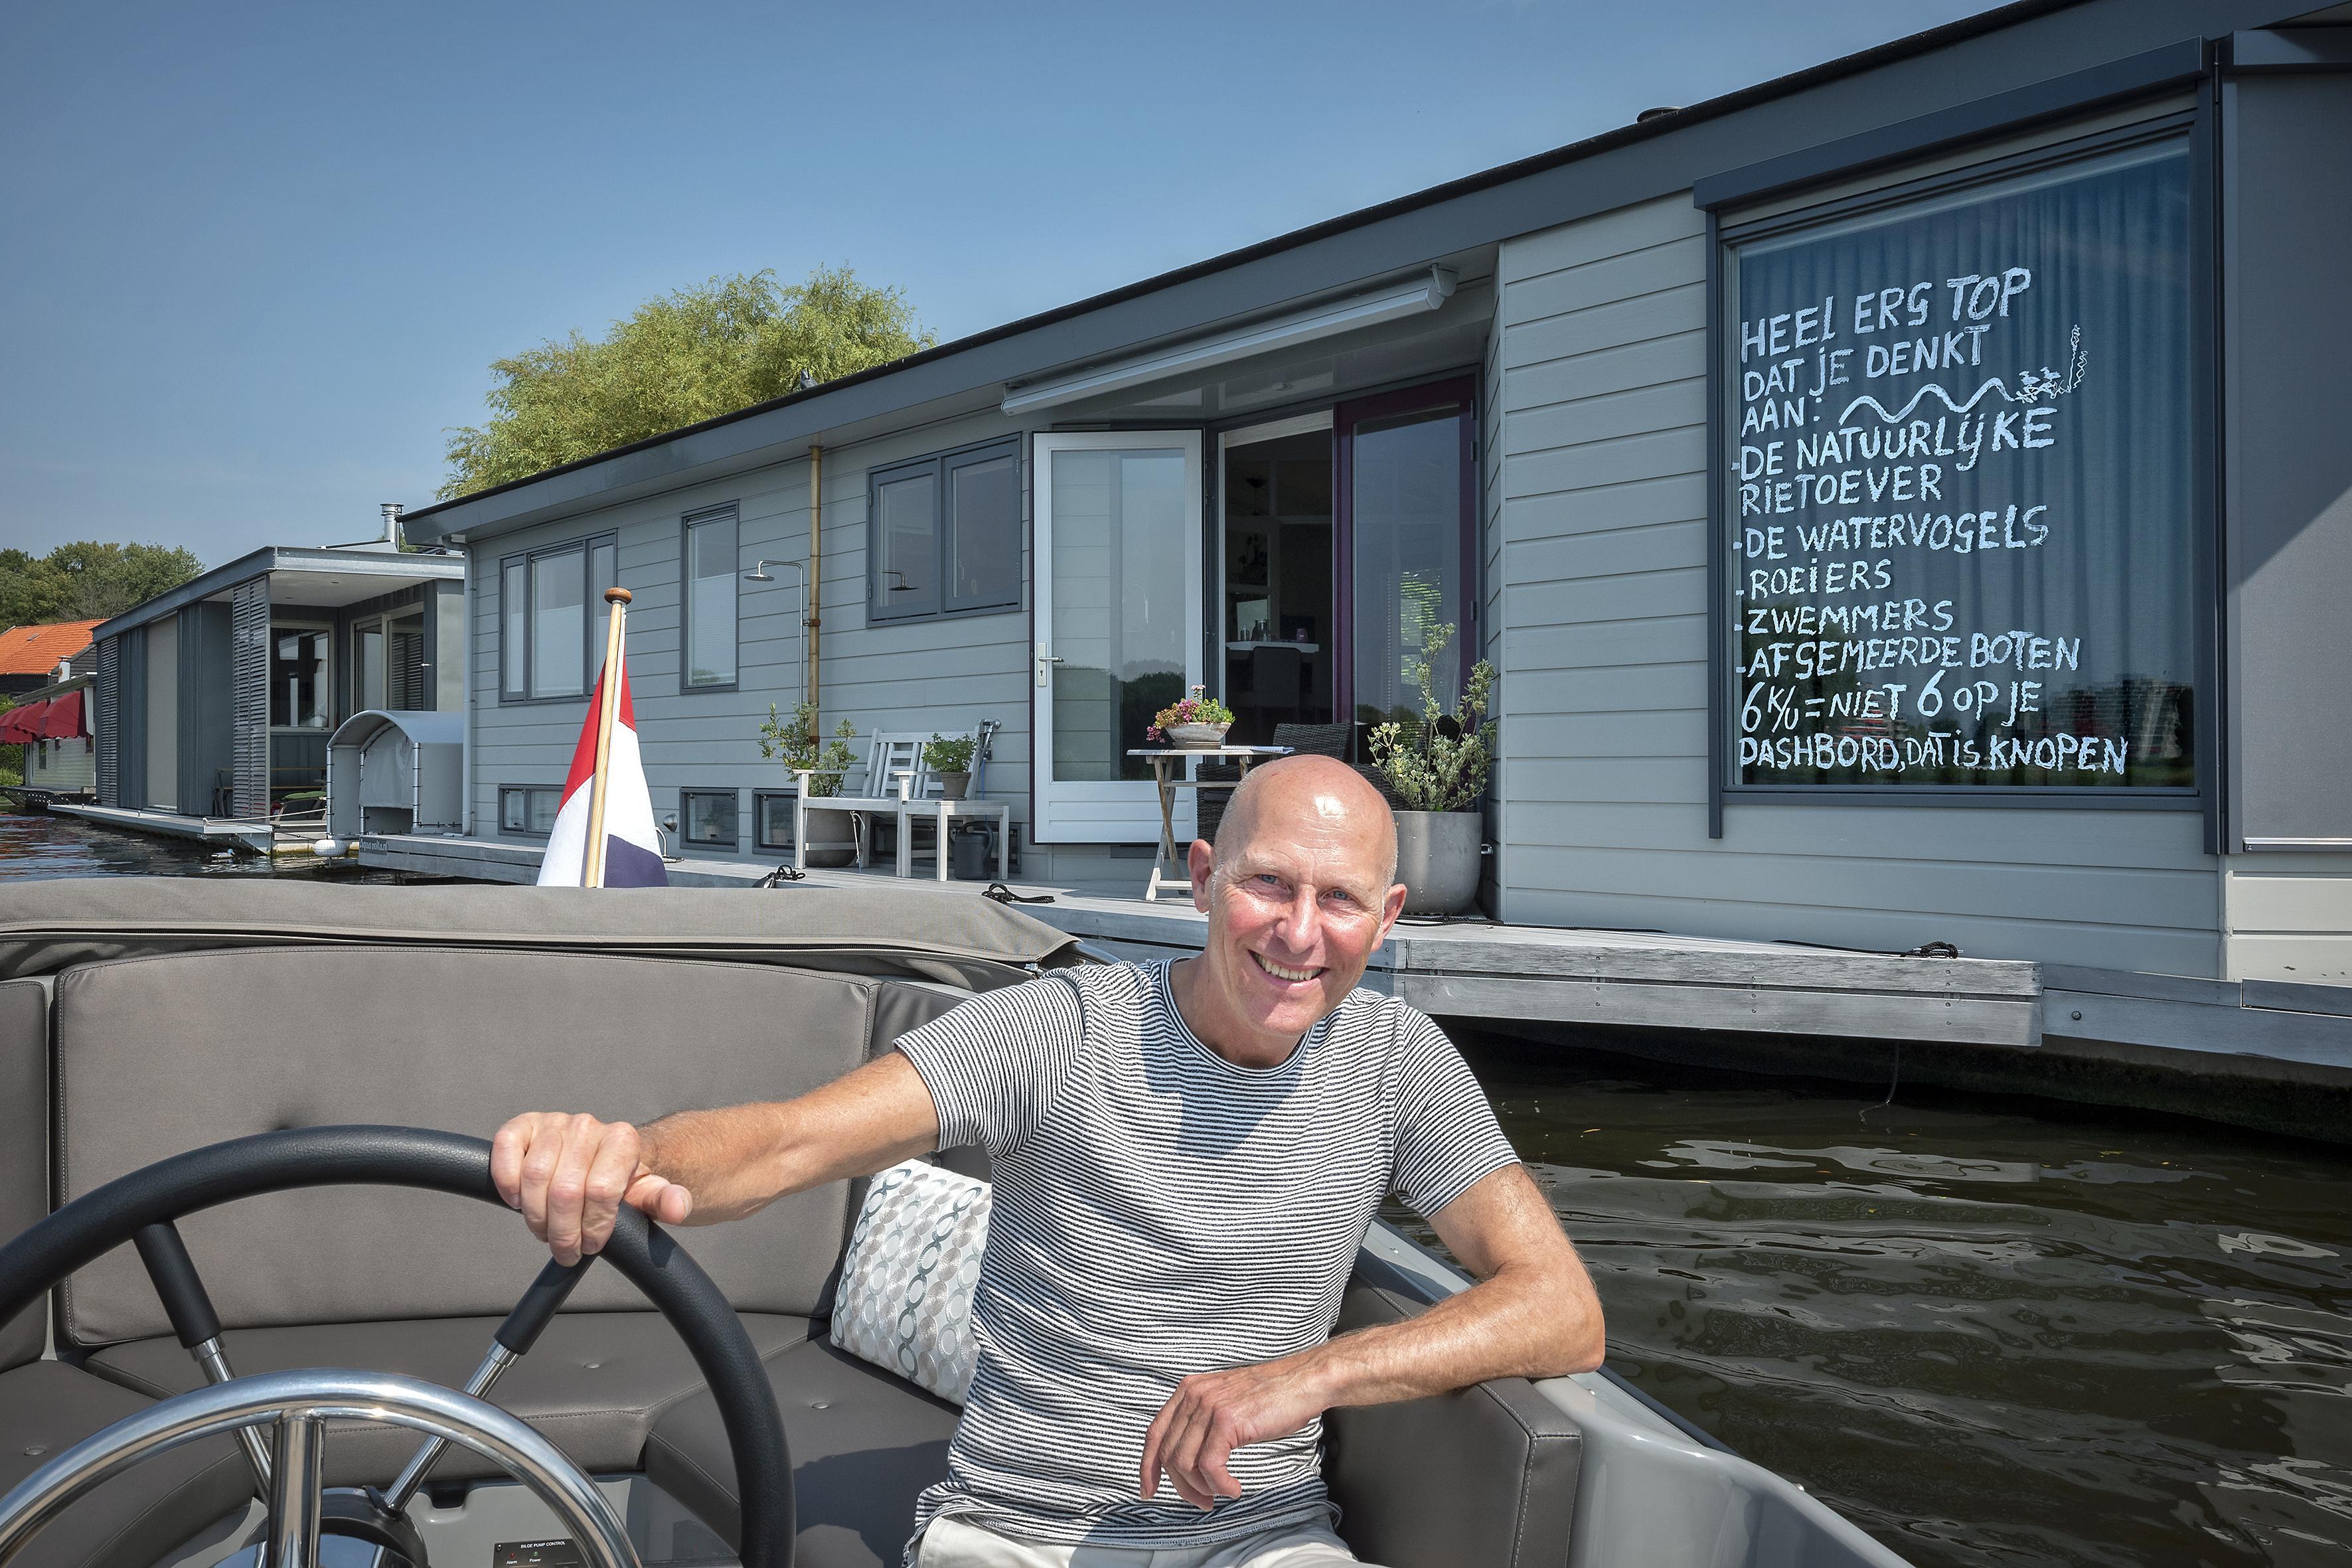 Woonbooteigenaar schrijft ludieke boodschap op raam aan snelvaarders: 'Ze hebben soms geen idee waar ze mee bezig zijn'